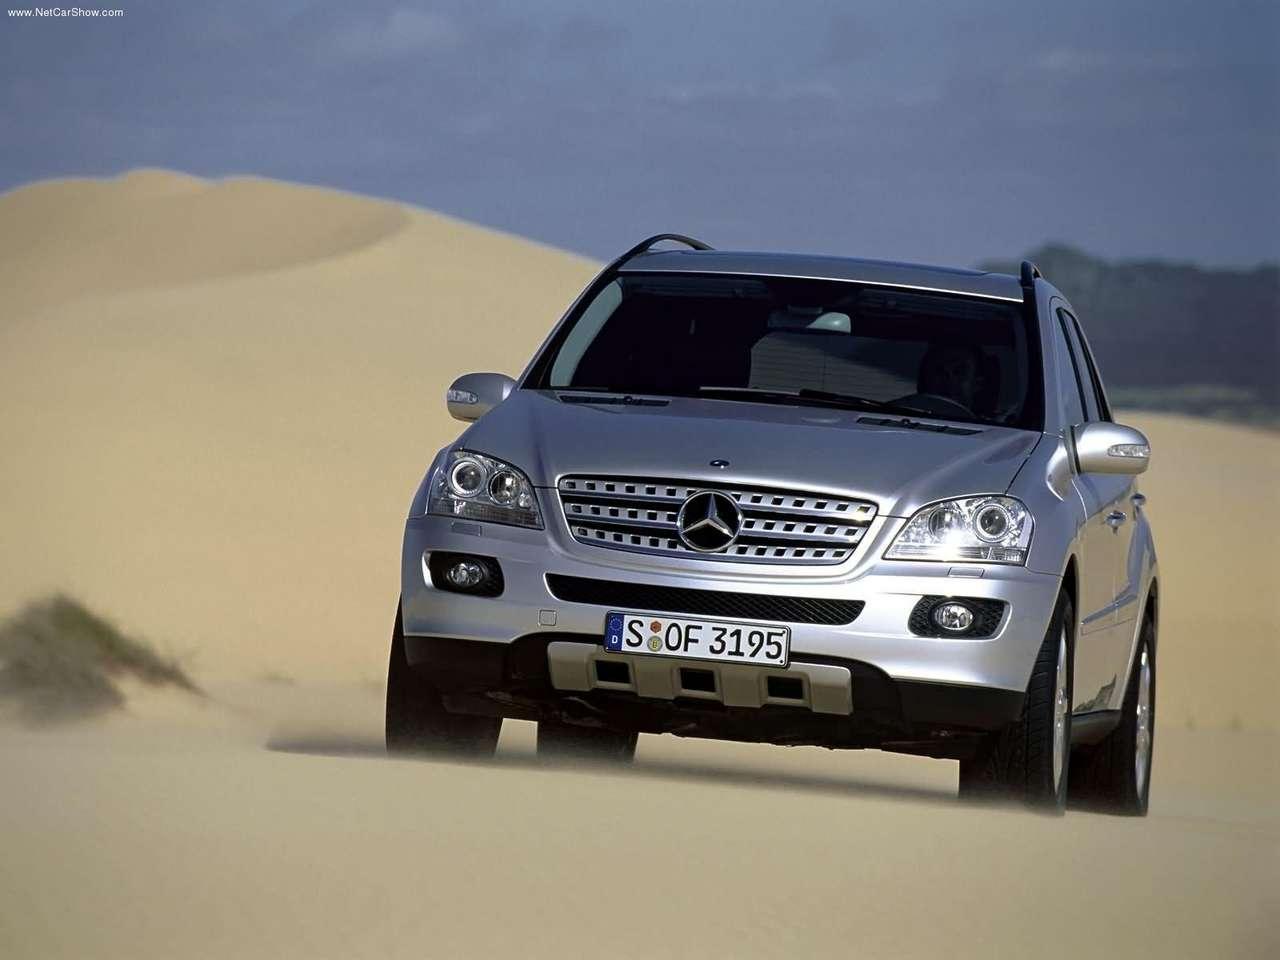 http://2.bp.blogspot.com/_vPMjJG-enrk/S9QHWeTKReI/AAAAAAAABFQ/tfUlbMf_uvI/s1600/Mercedes-Benz-ML350_2006_1280x960_wallpaper_04.jpg